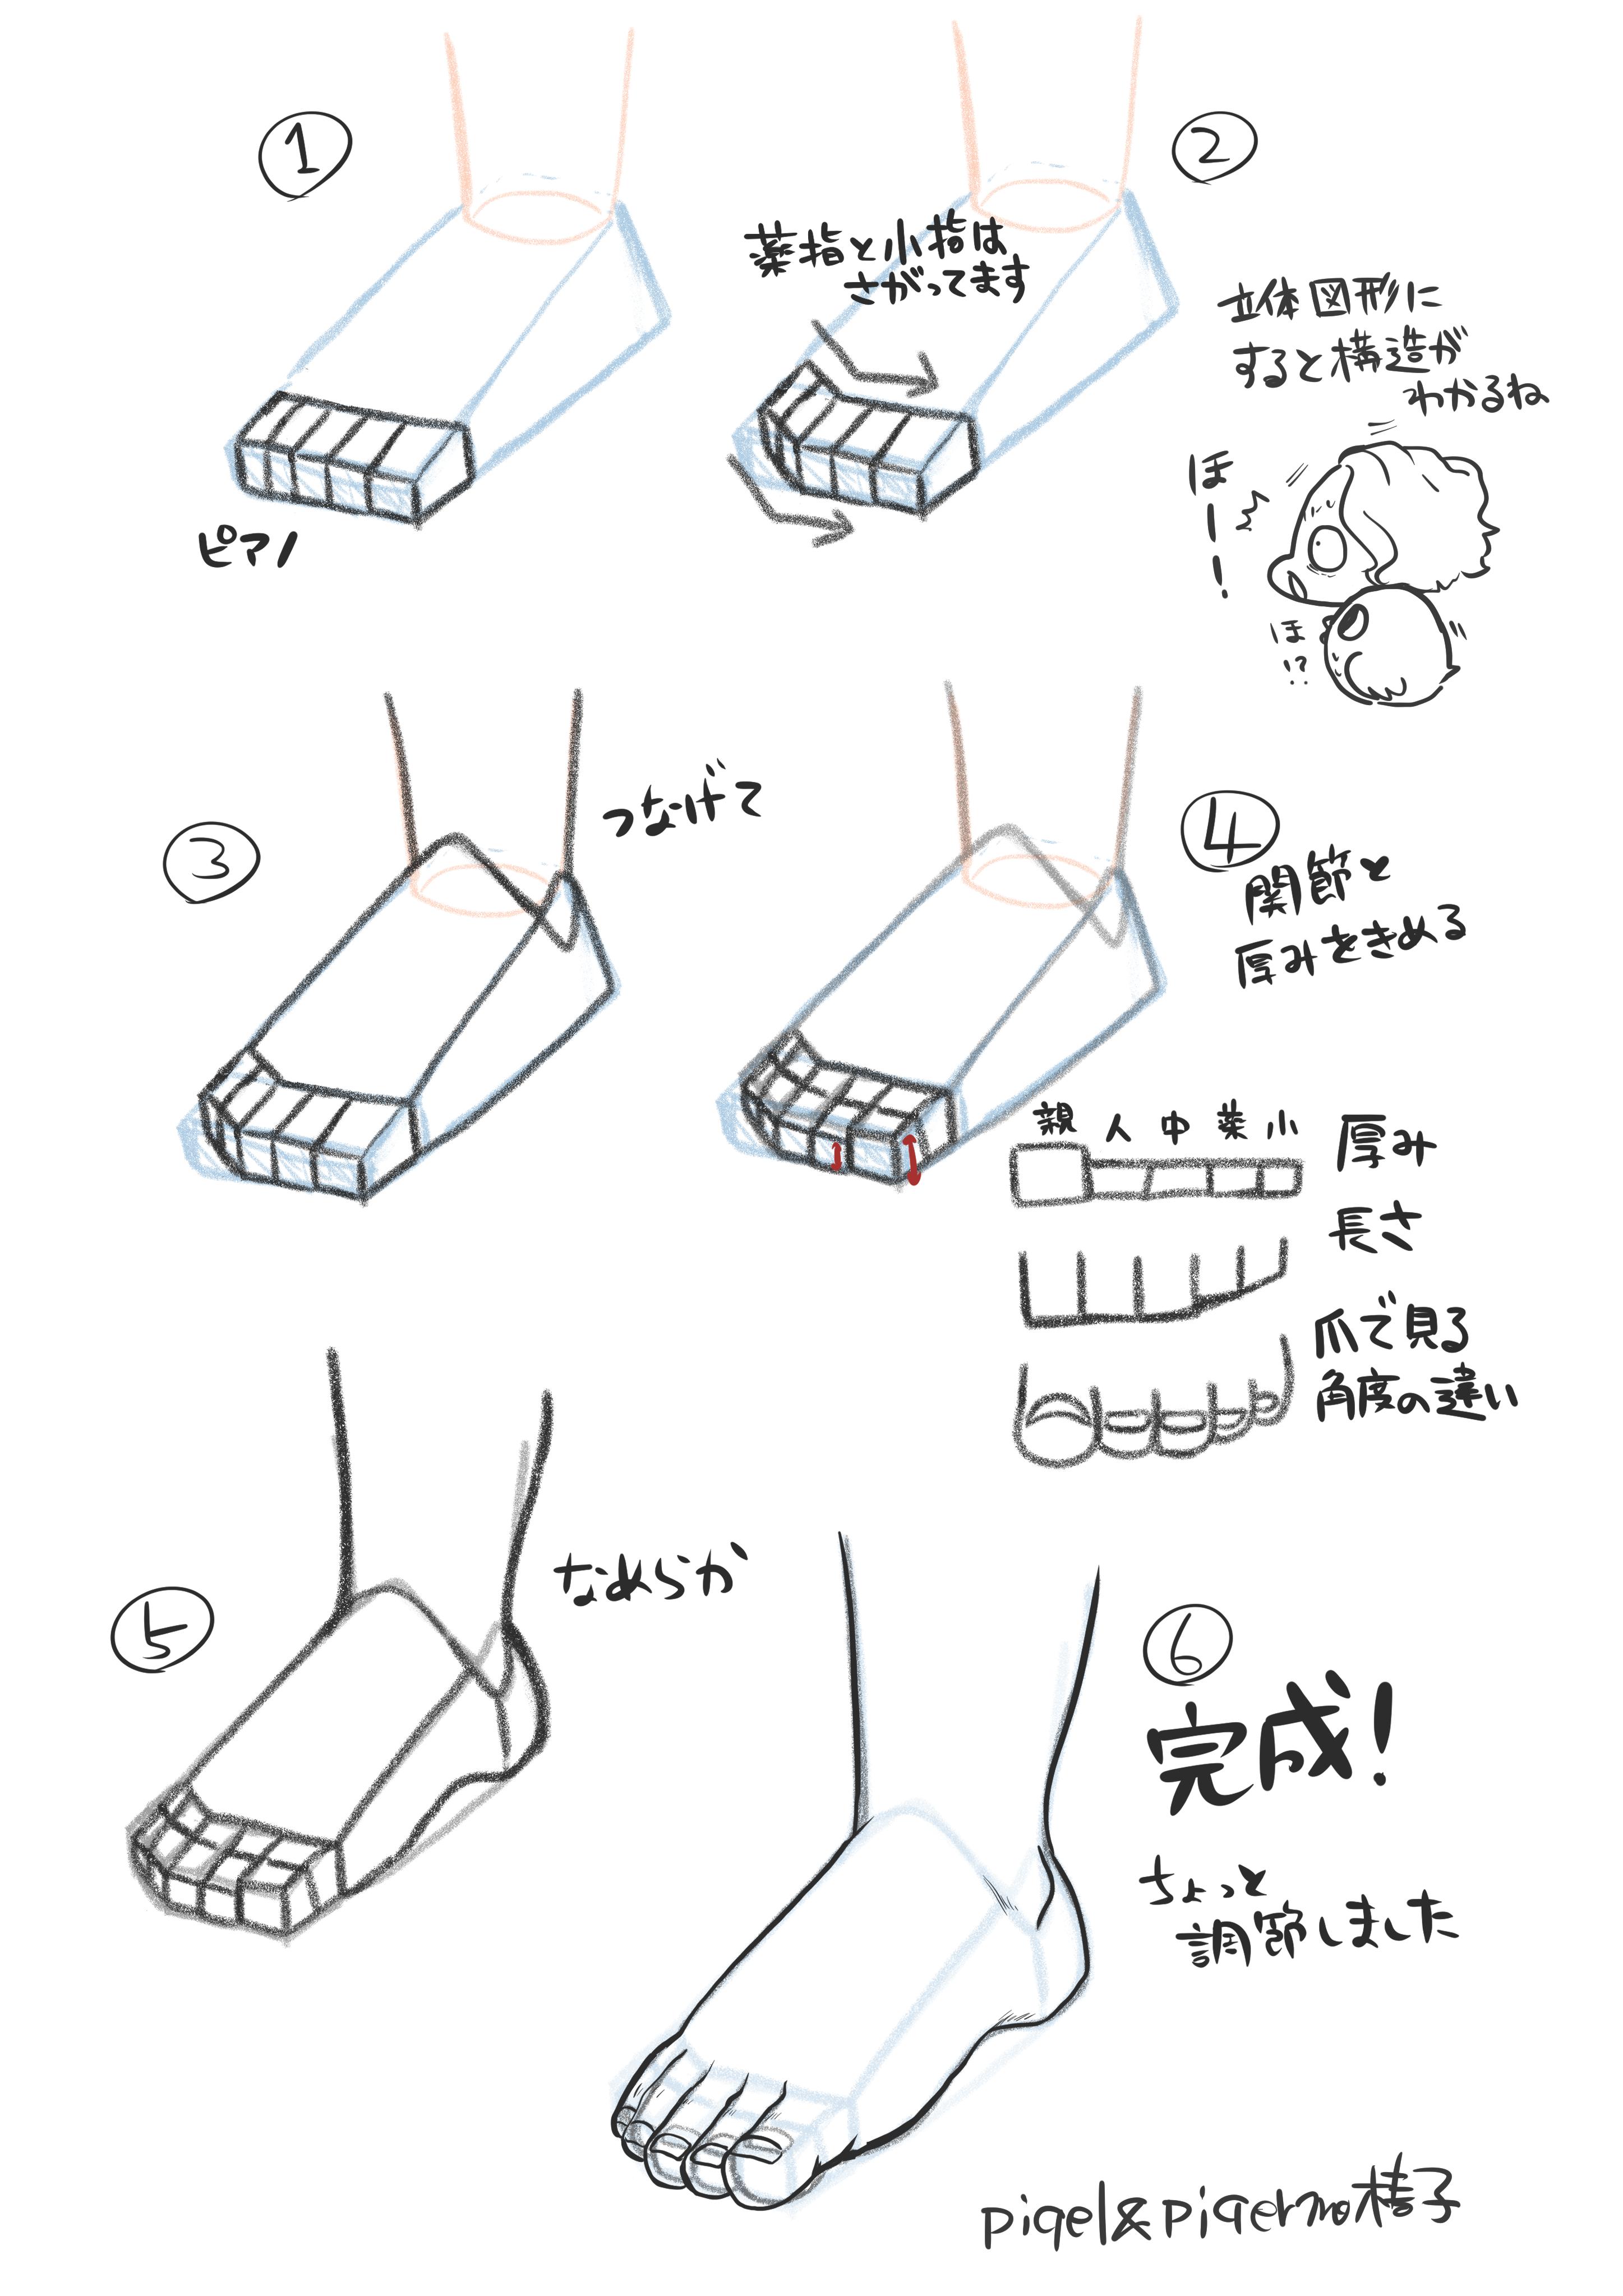 基本から始める!足の描き方講座